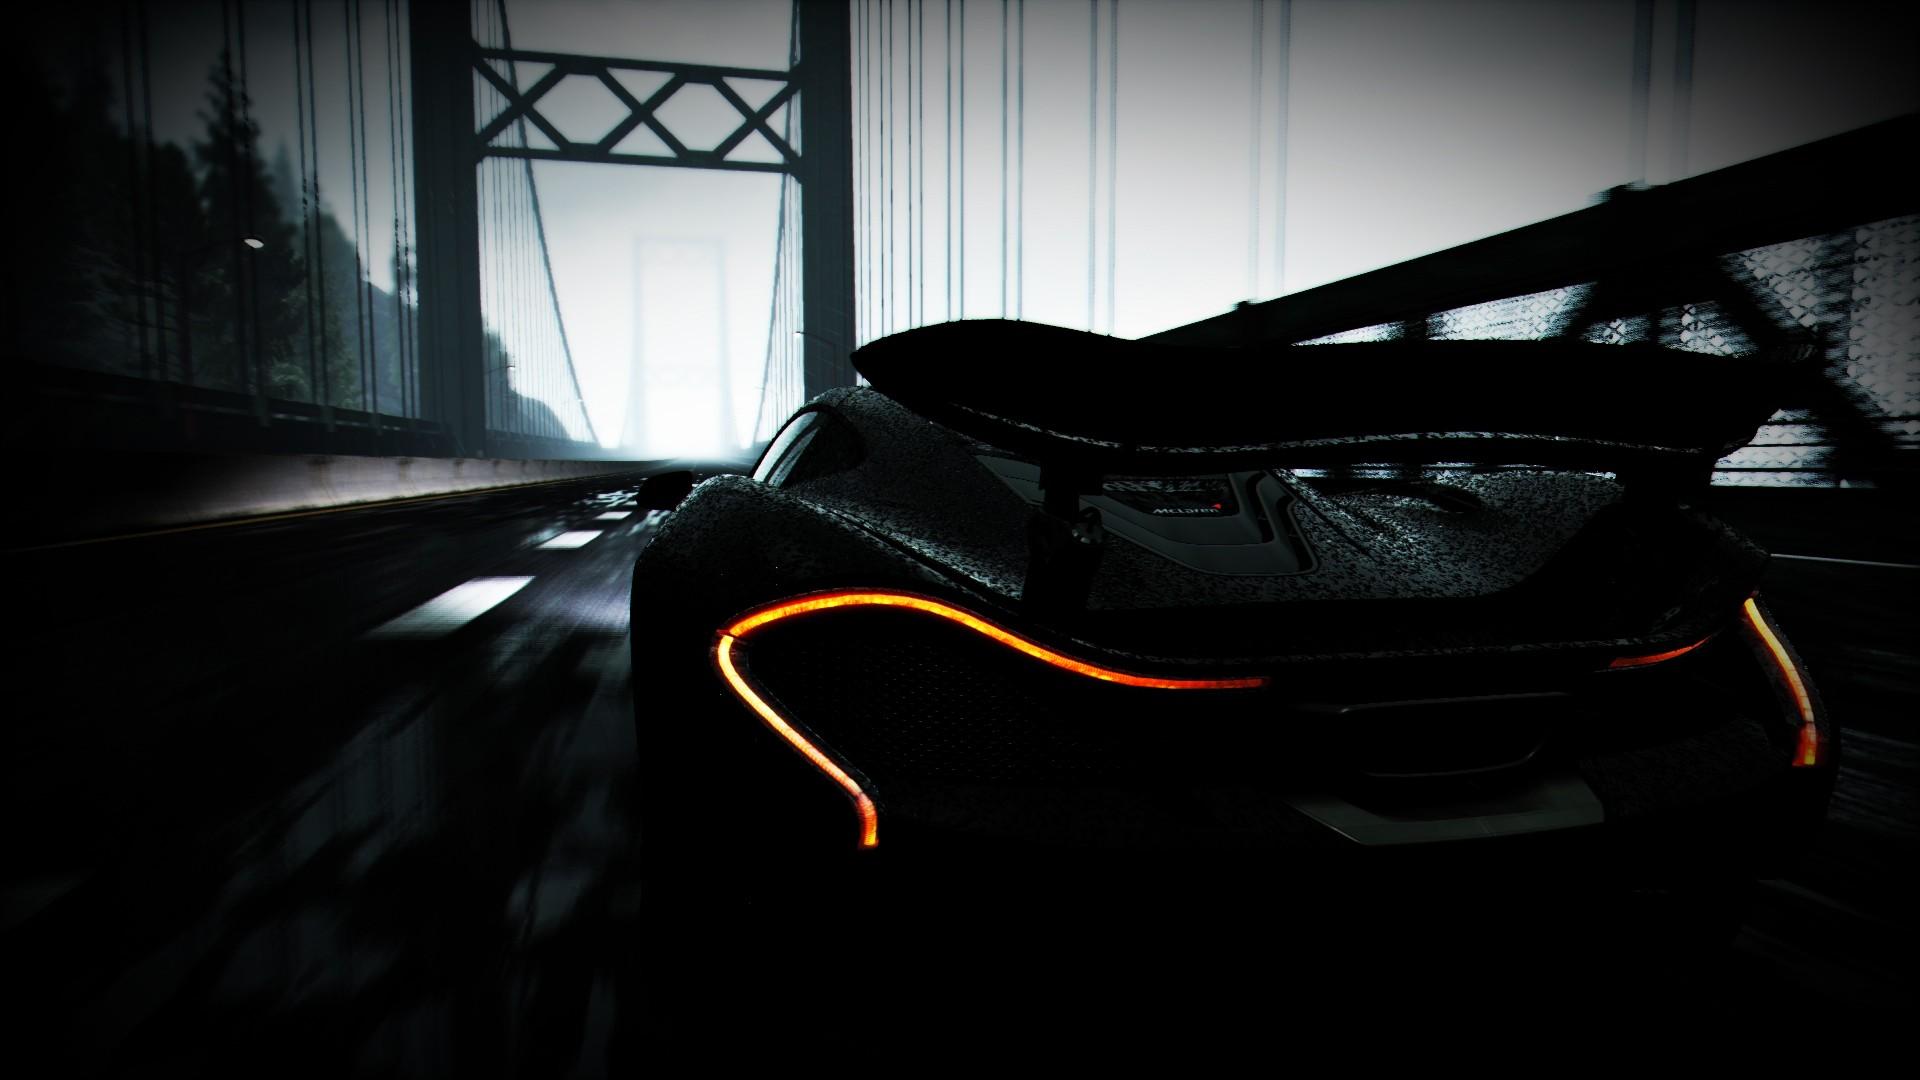 1920x1080 Px McLaren P1 Project CARS